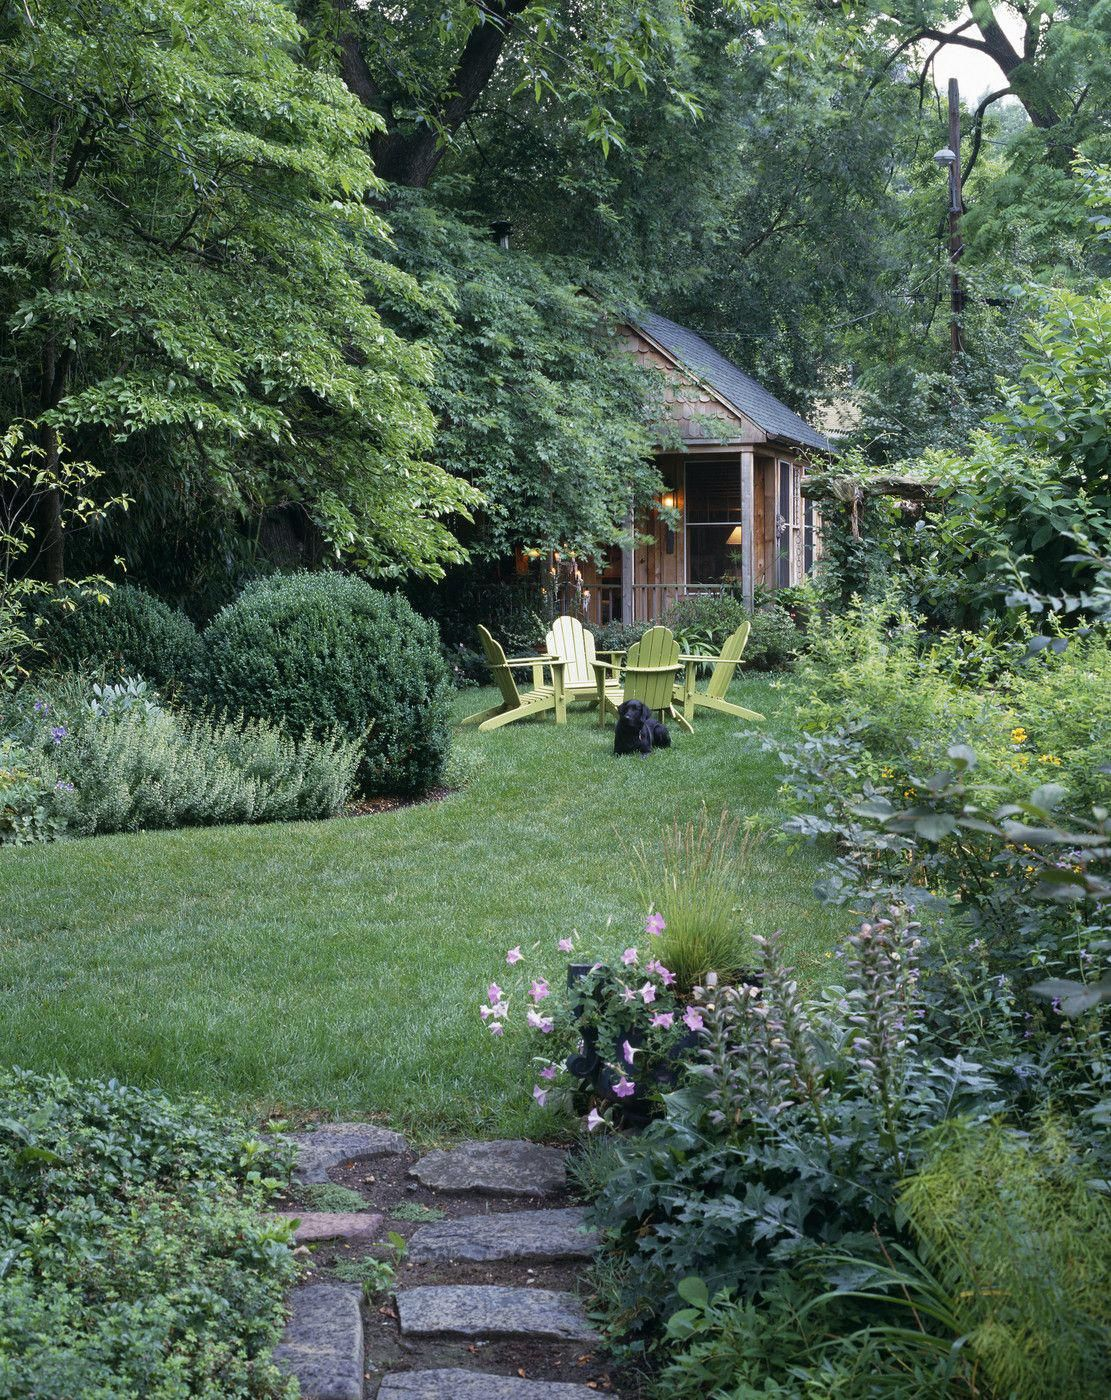 Landscape Gardening Course Landscape Gardening Jobs ...